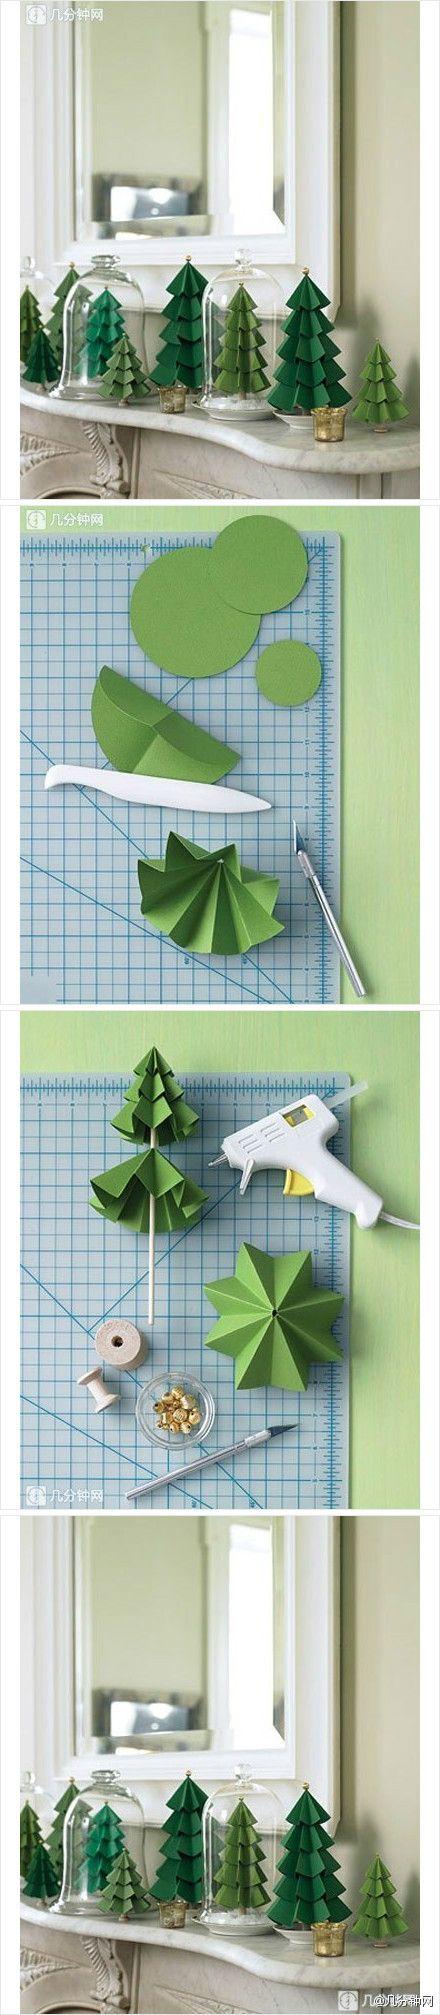 DIY Árbol de navidad realizado con cartulina. Fuente: duitang